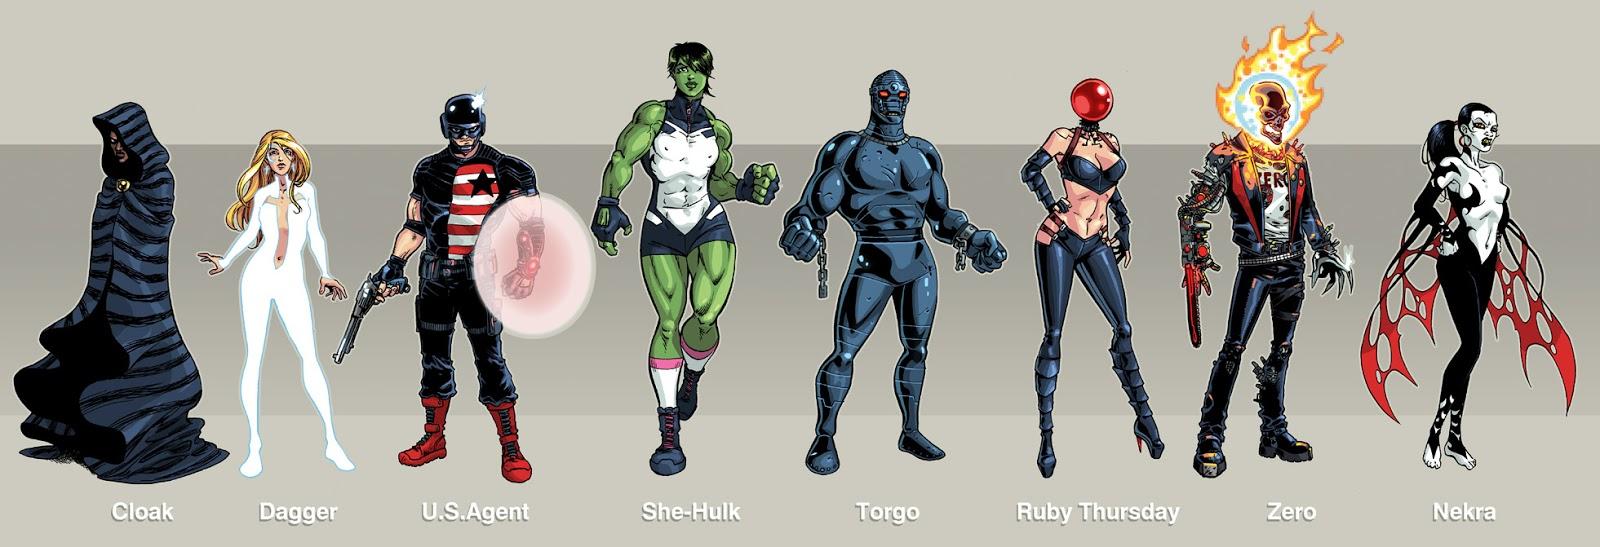 how to make a superhero team